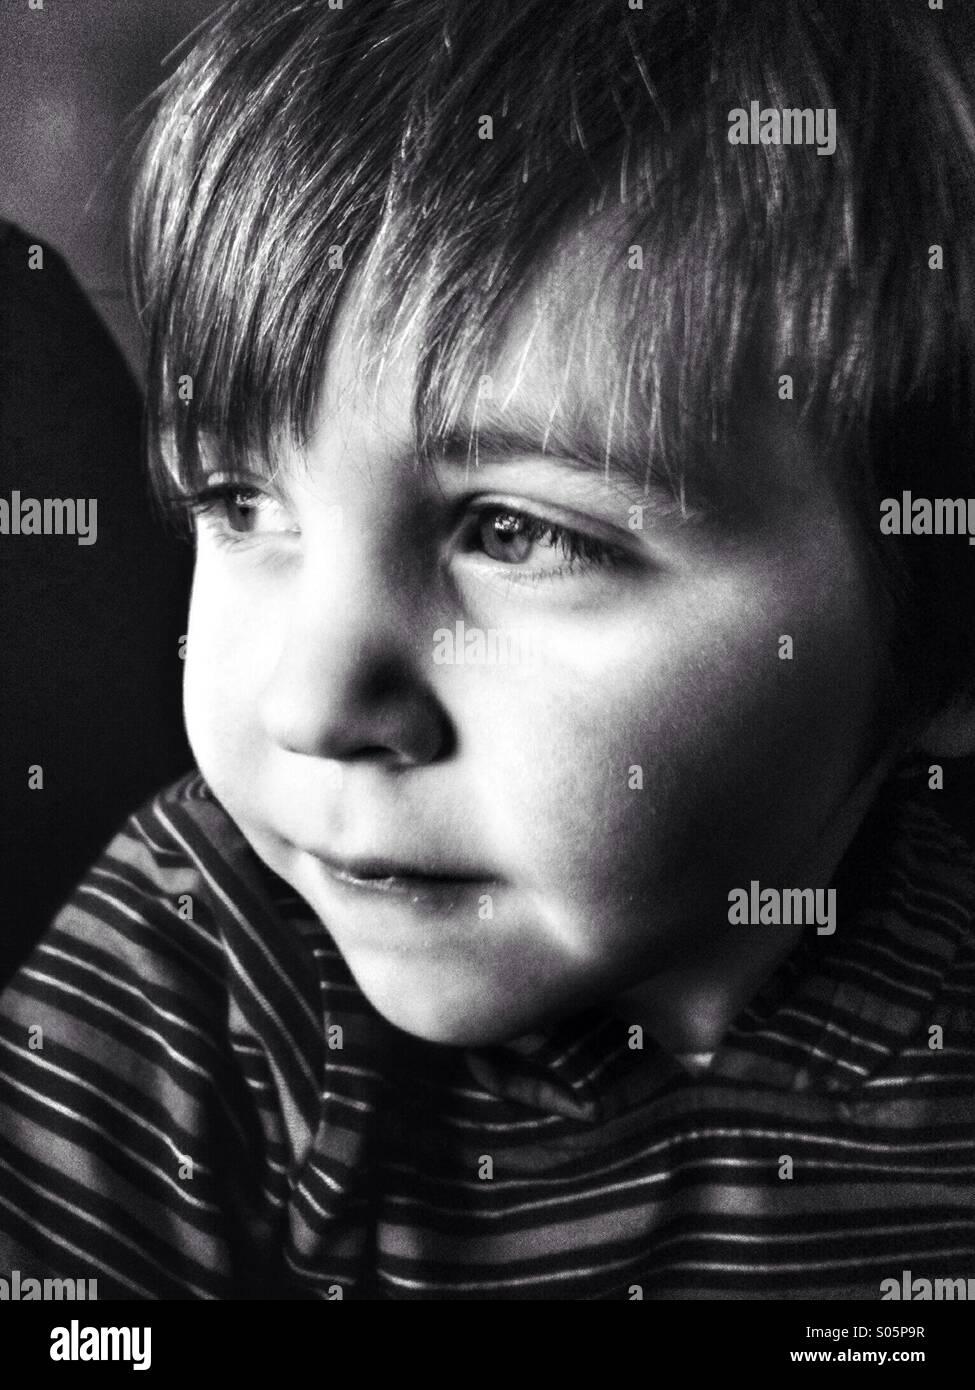 Young Caucasian bébé garçon portrait. Photo Stock